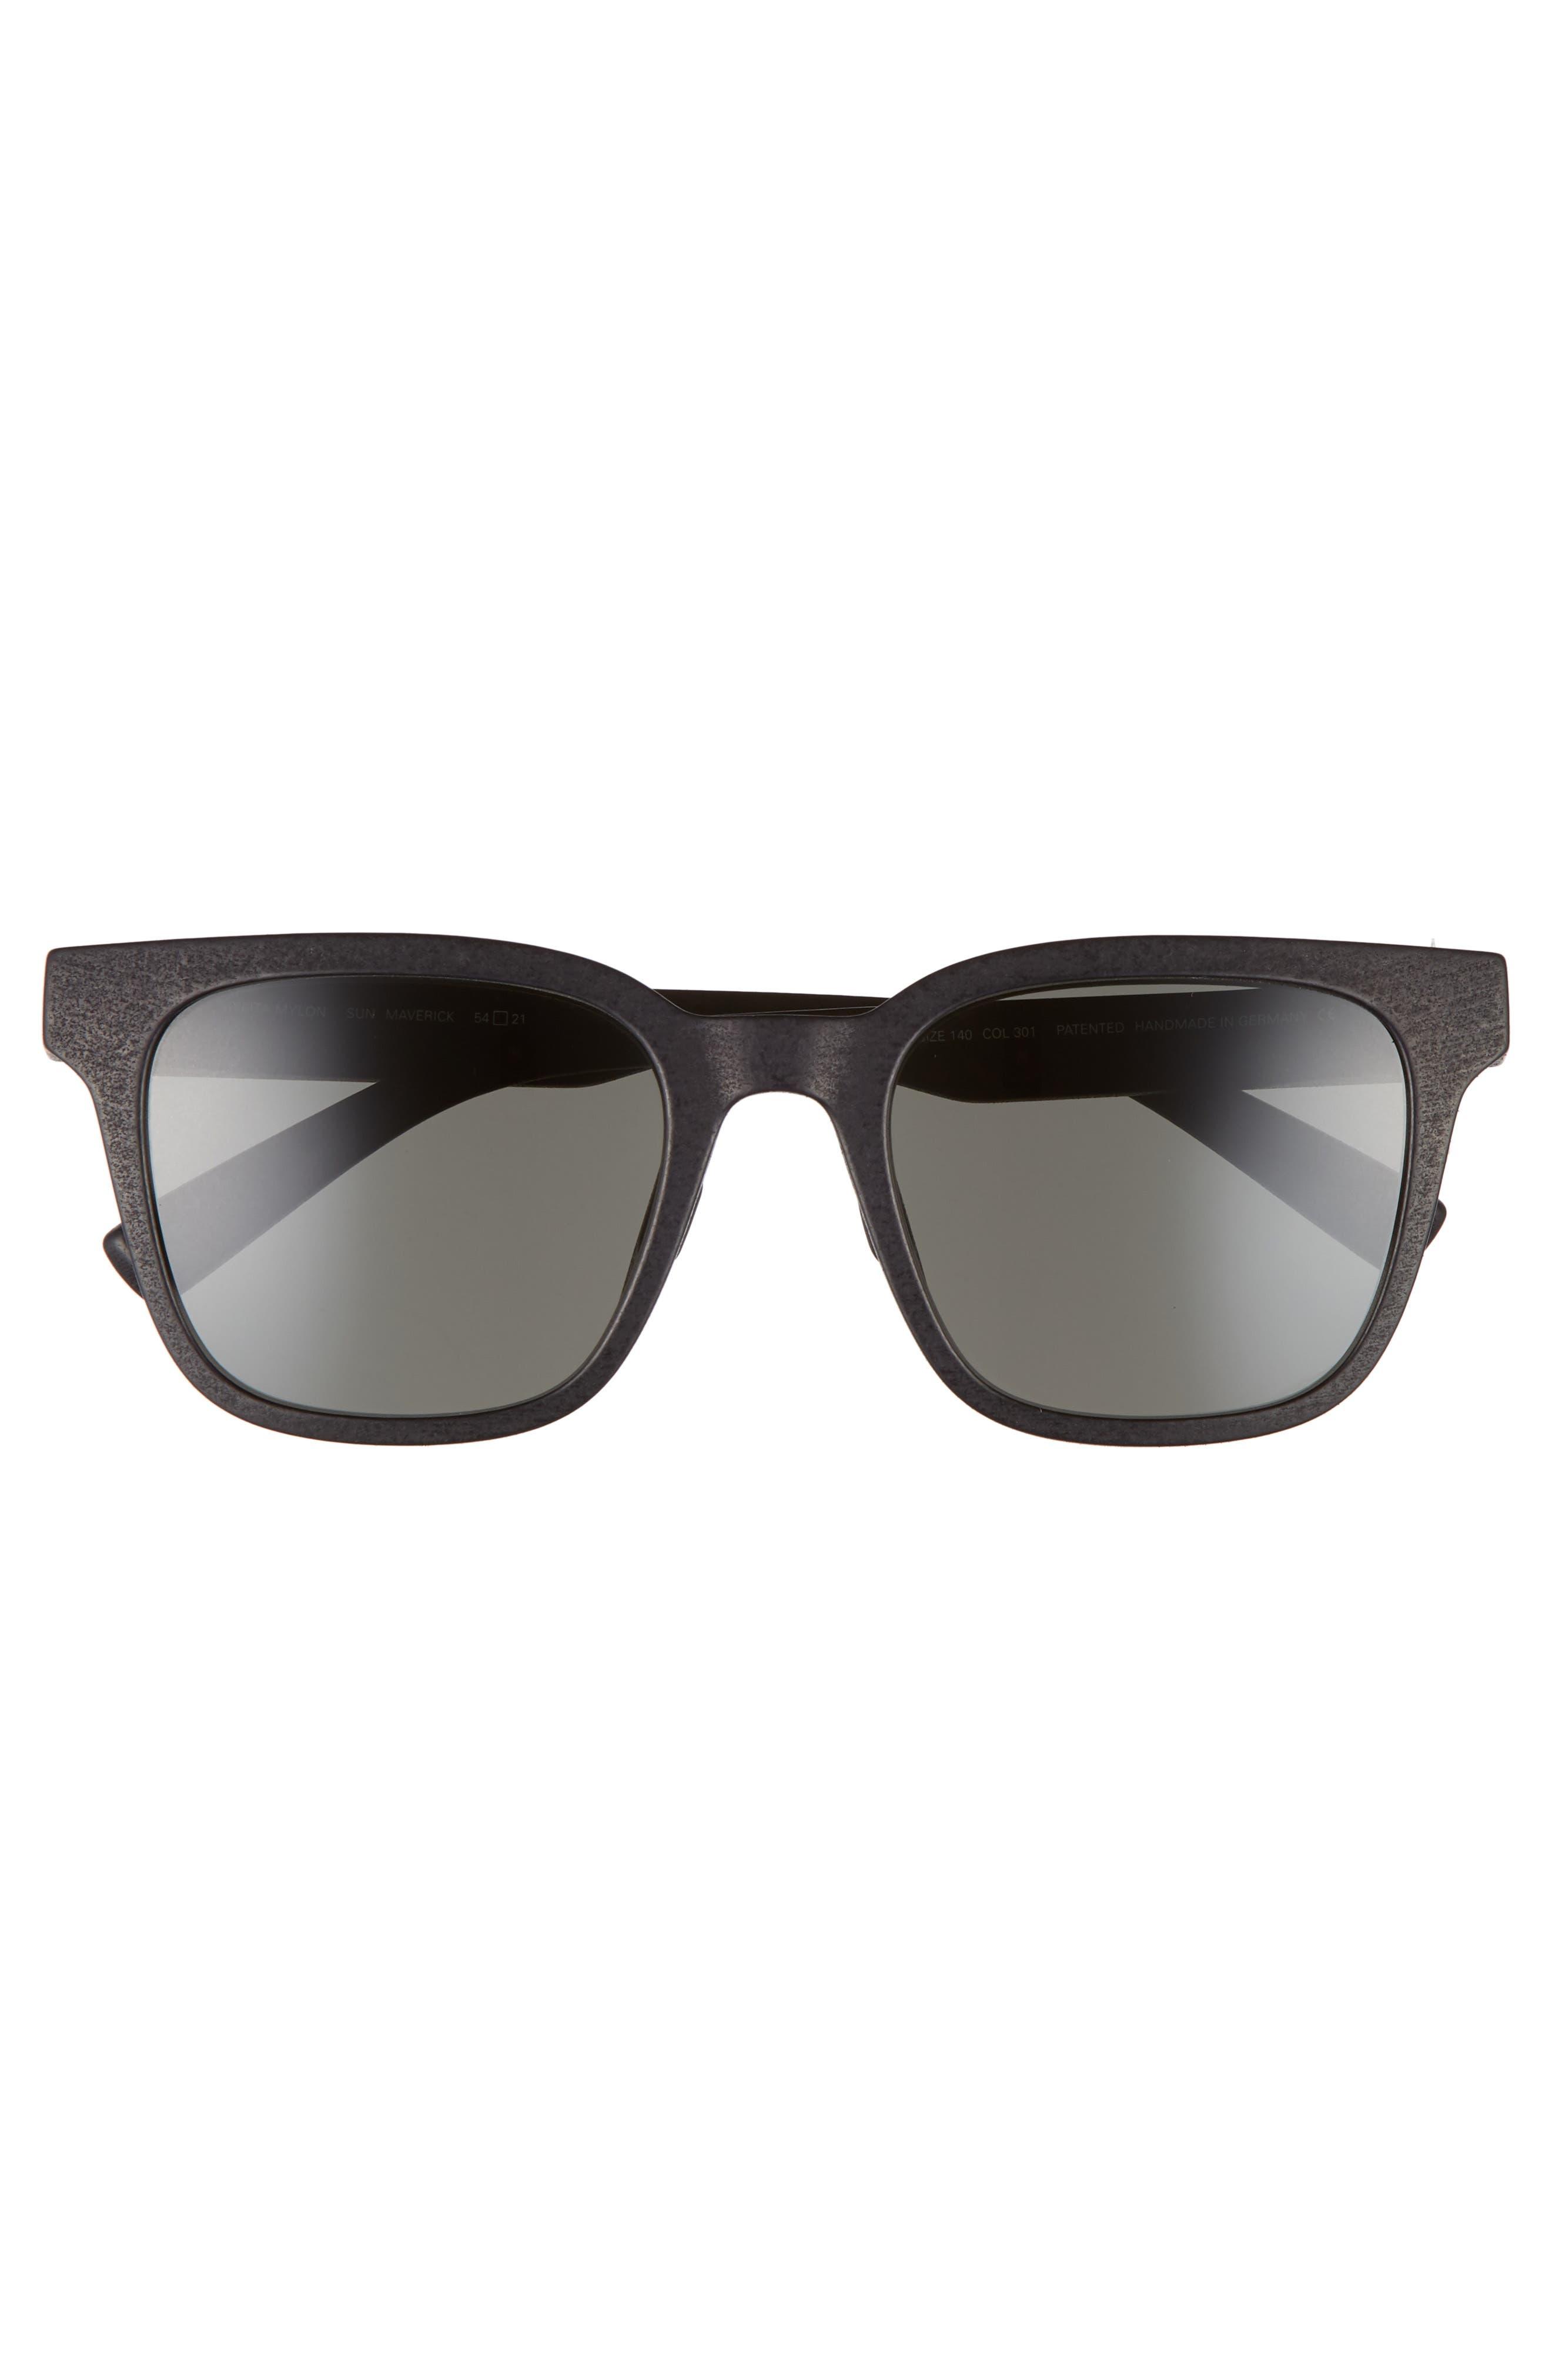 Maverick 54mm Sunglasses,                             Alternate thumbnail 2, color,                             001